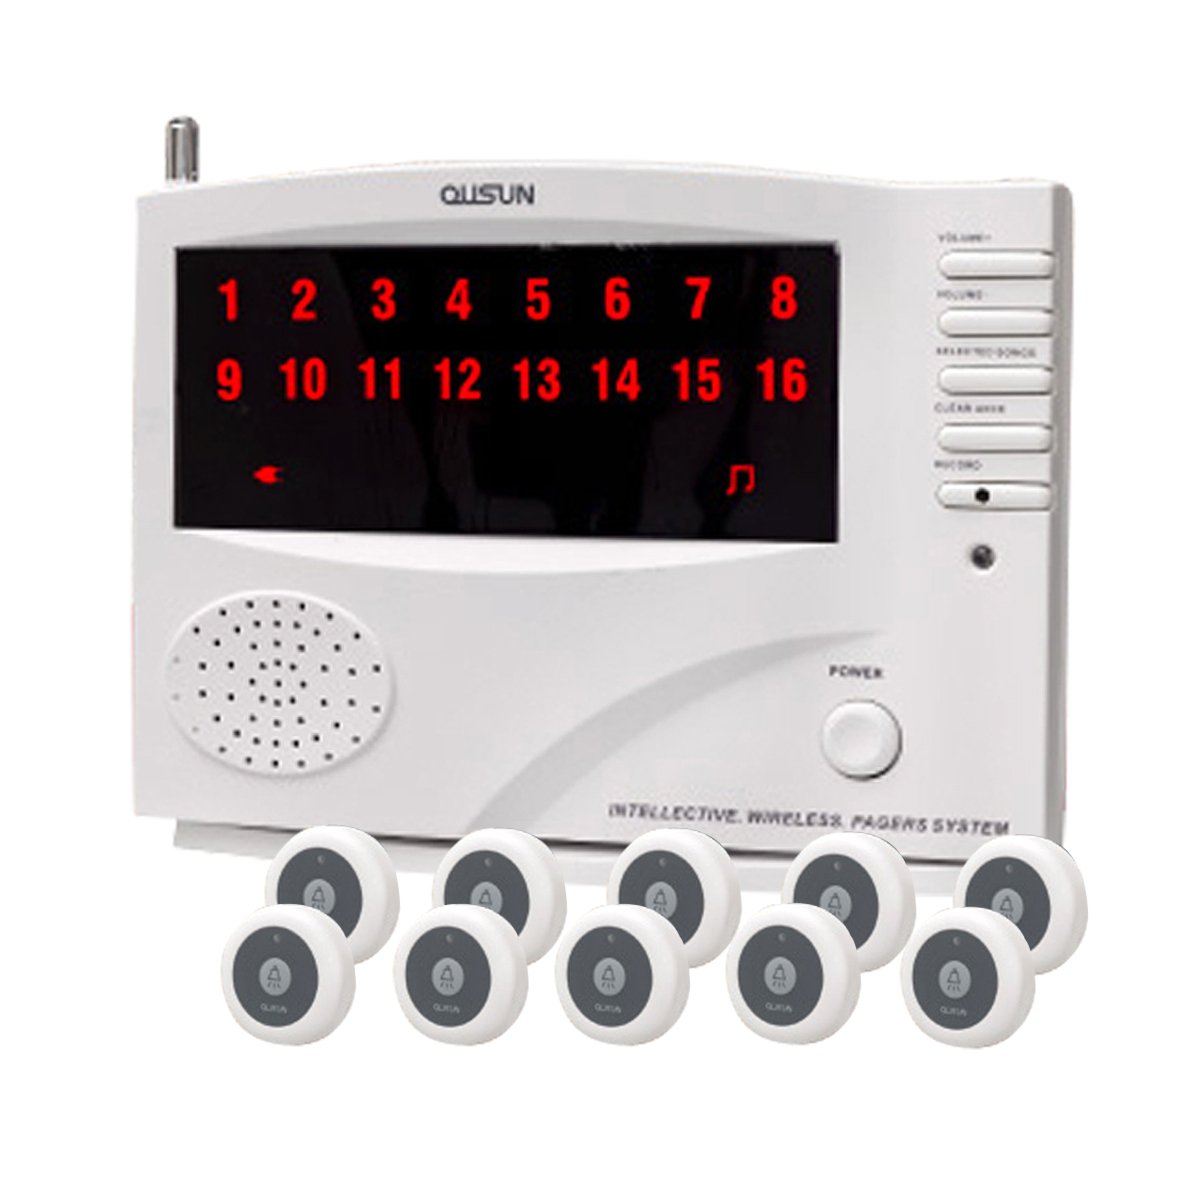 ワイヤレス チャイム コードレスチャイム 業務用 16ch 送信機 10個 白 黒 1年保証 無料登録サービス インターホン 呼び鈴 呼び出しチャイム 店舗 飲食店 介護施設 _92072-1-1